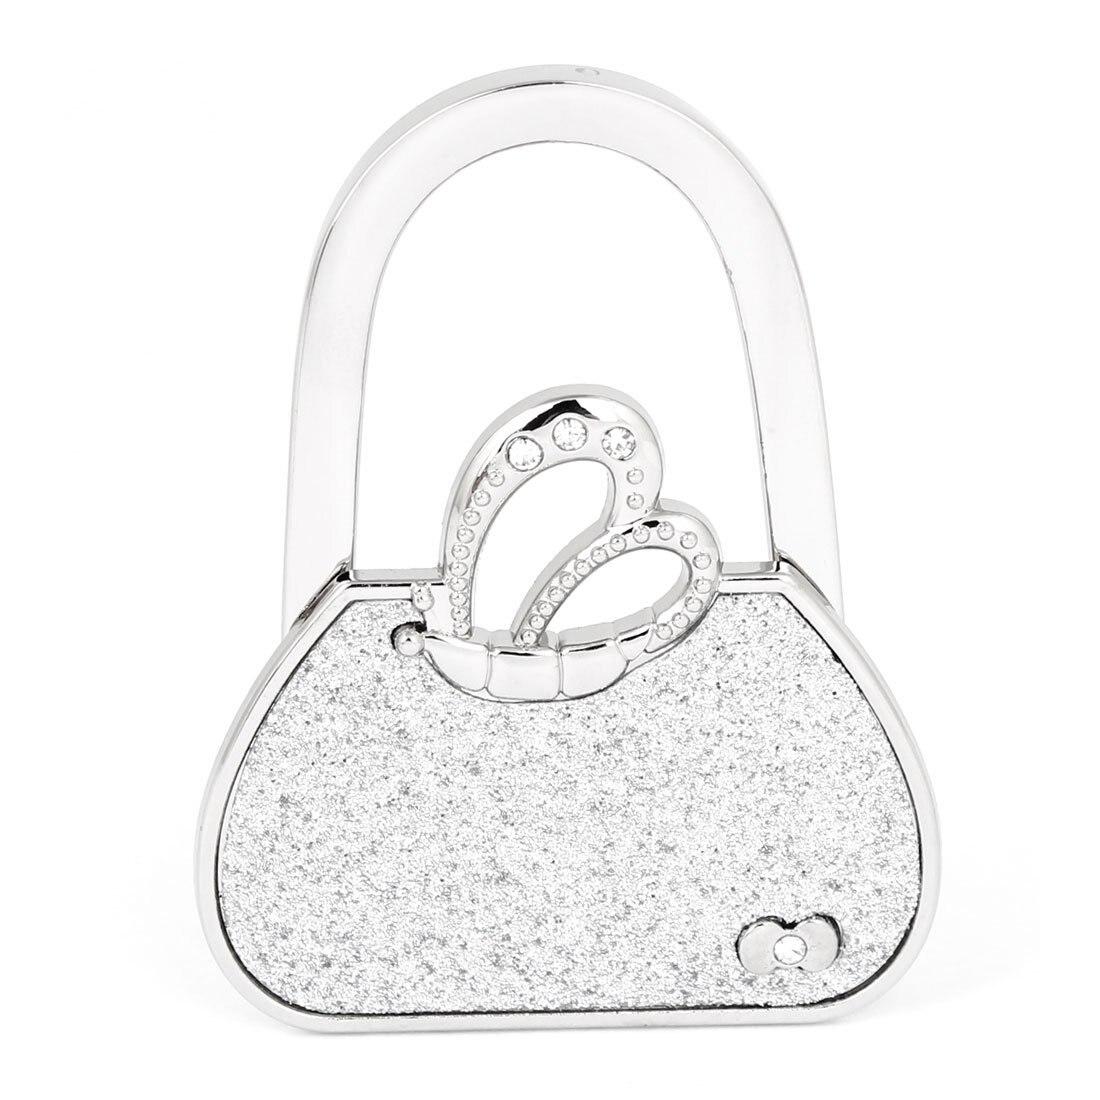 Супер продать Бабочка Акцент складной стол крюк кошелек вешалка держатель для Для женщин